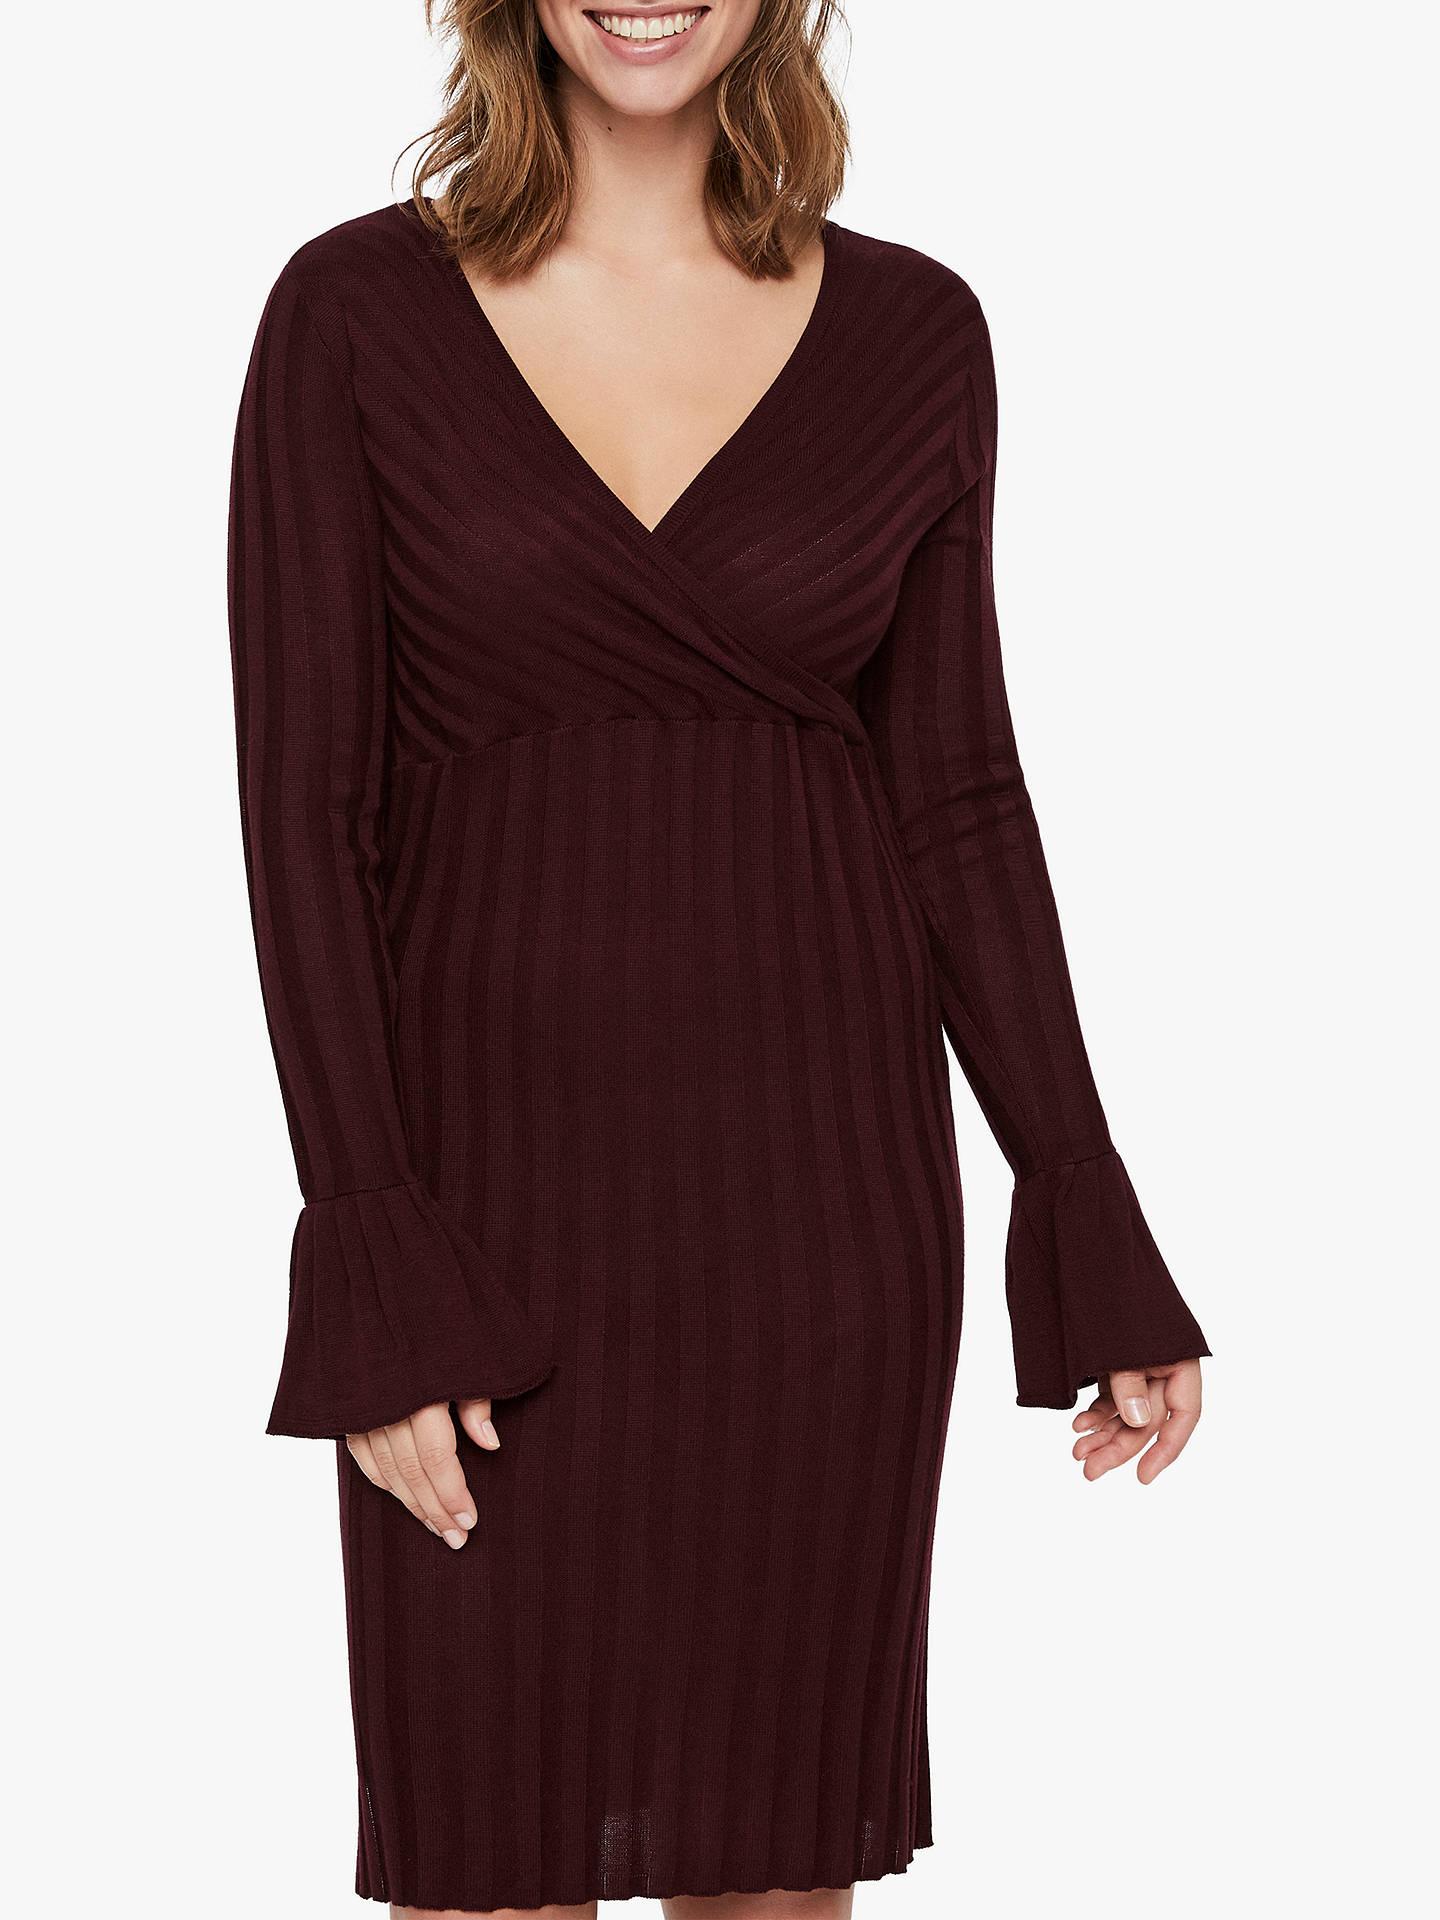 3a661ecb25f Buy Mamalicious Zanne Tess Knitted Maternity and Nursing Dress